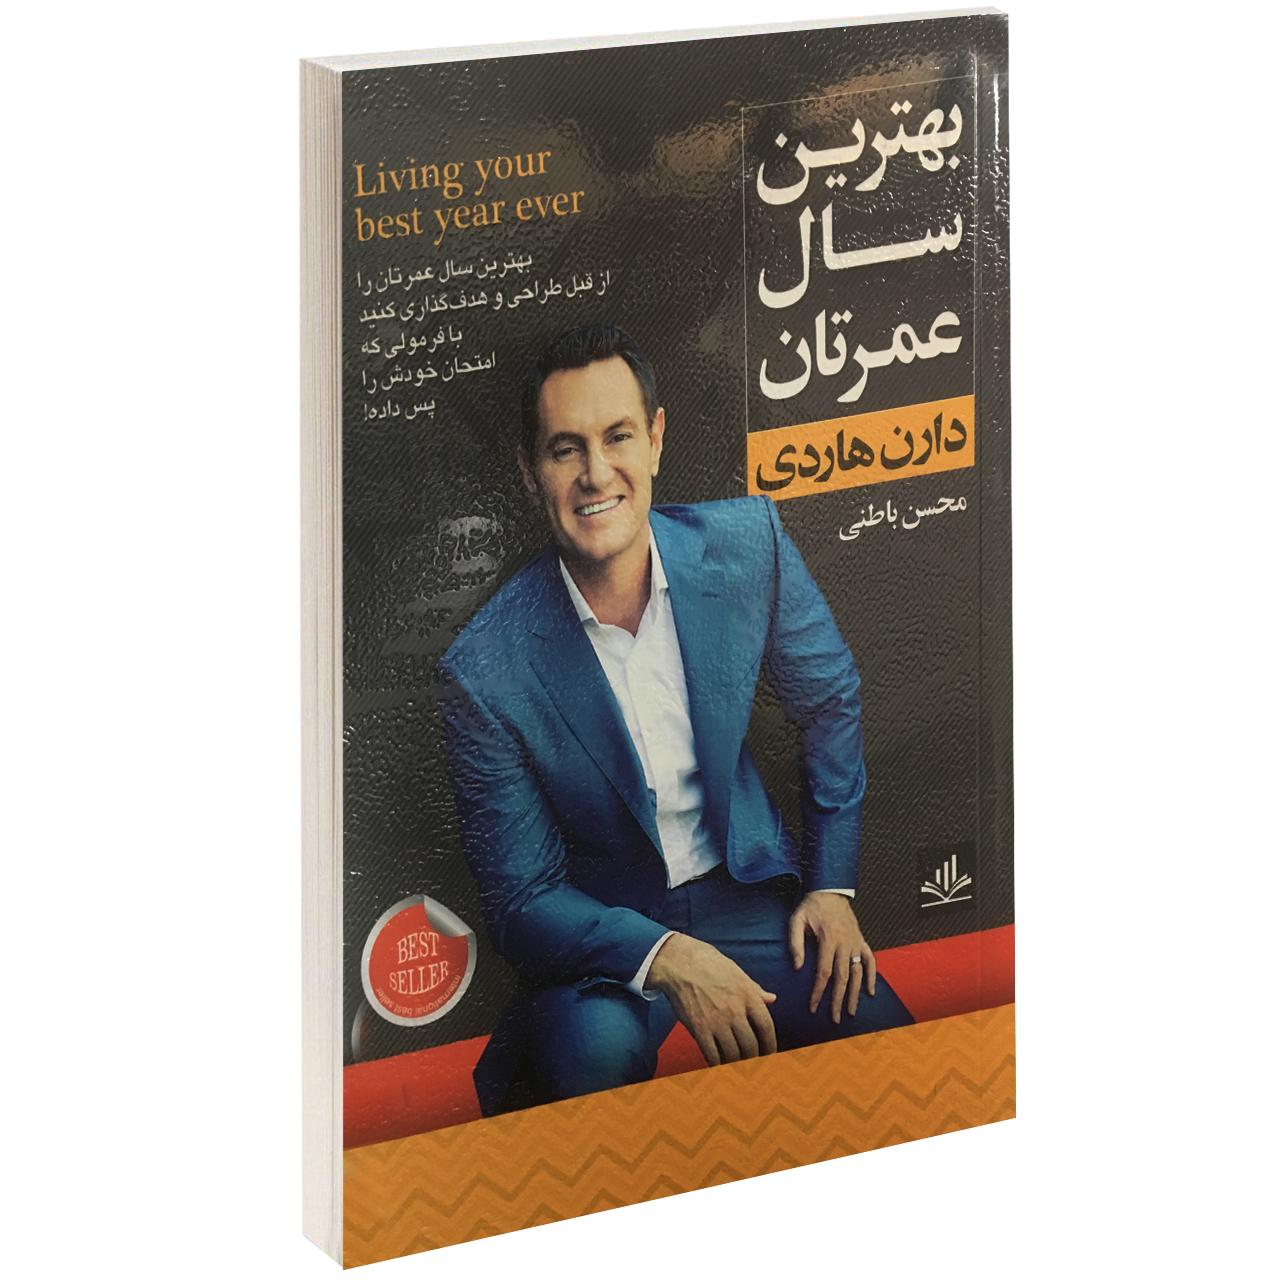 کتاب بهترین سال عمرتان اثر دارن هاردی نشر الماس پارسیان